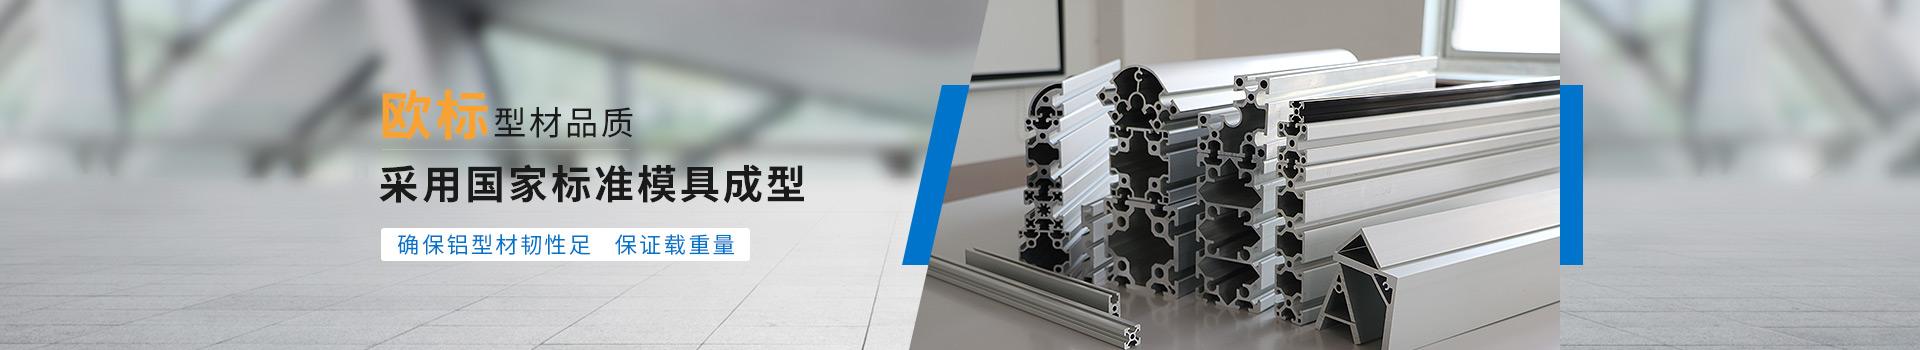 启域欧标型材品质,采用国家标准模具成型